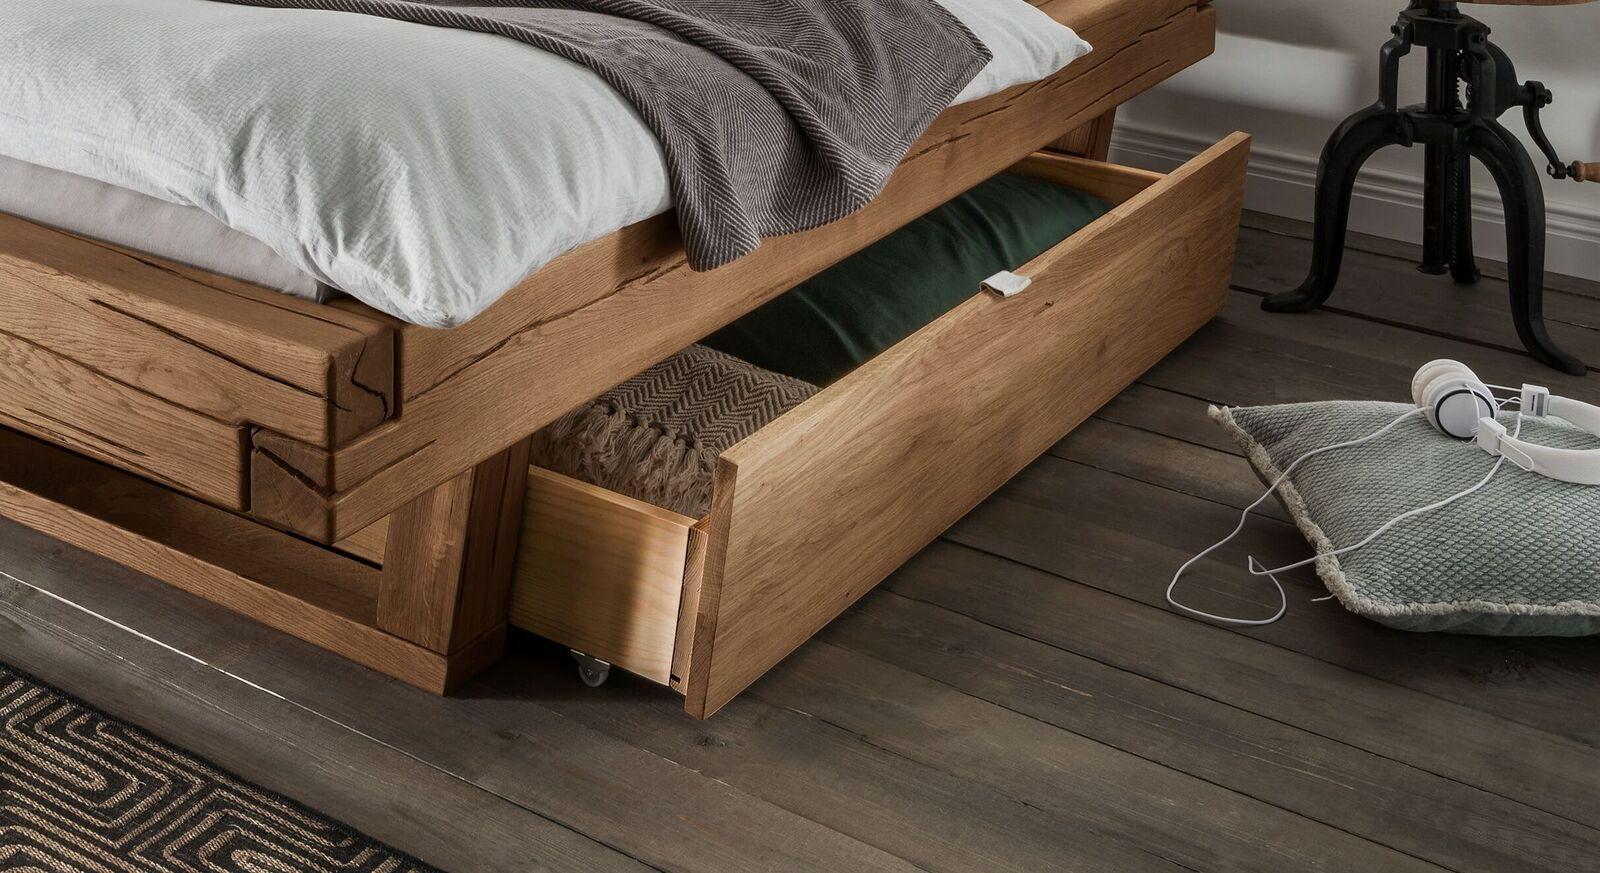 Bett-Schubkästen Rigolato aus Echtholz